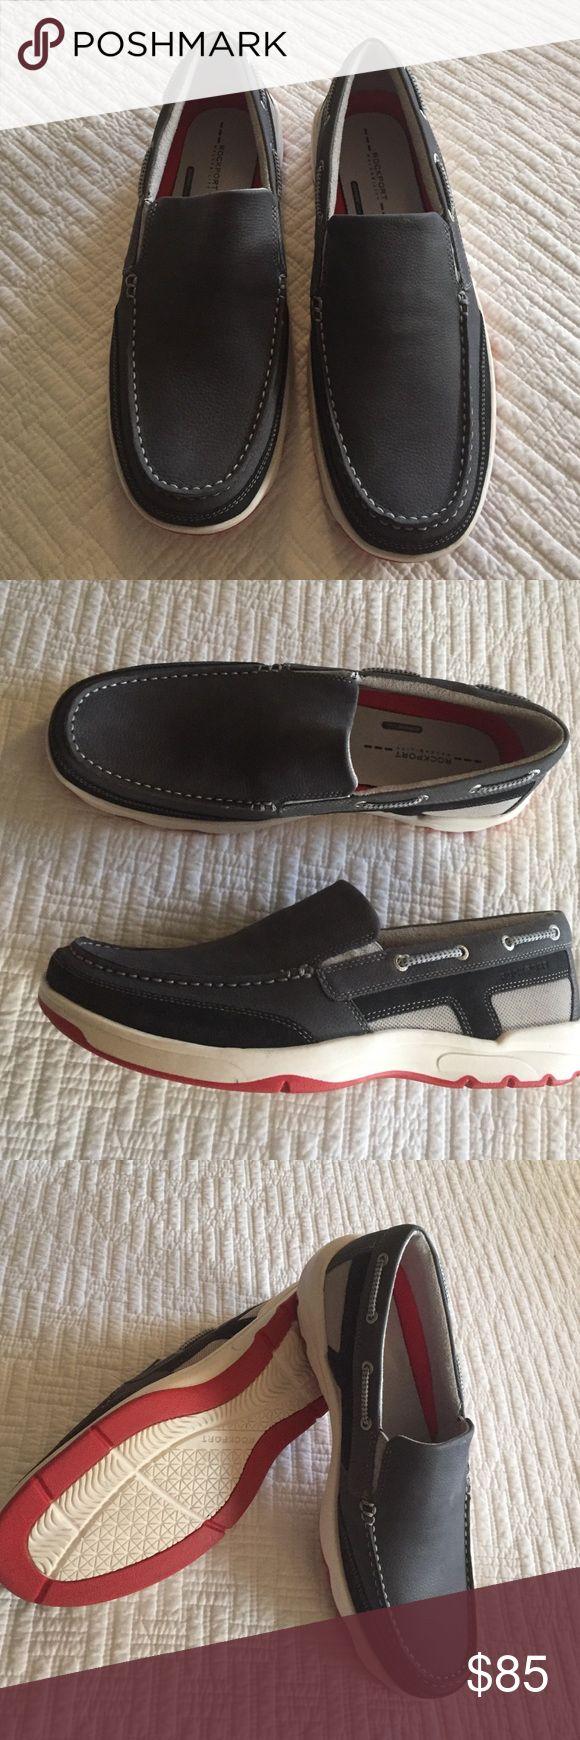 Men's Rockport blue boat shoes Men's Rockport blue boat shoes. New never worn. Still in original box. 11.5 Rockport Shoes Boat Shoes